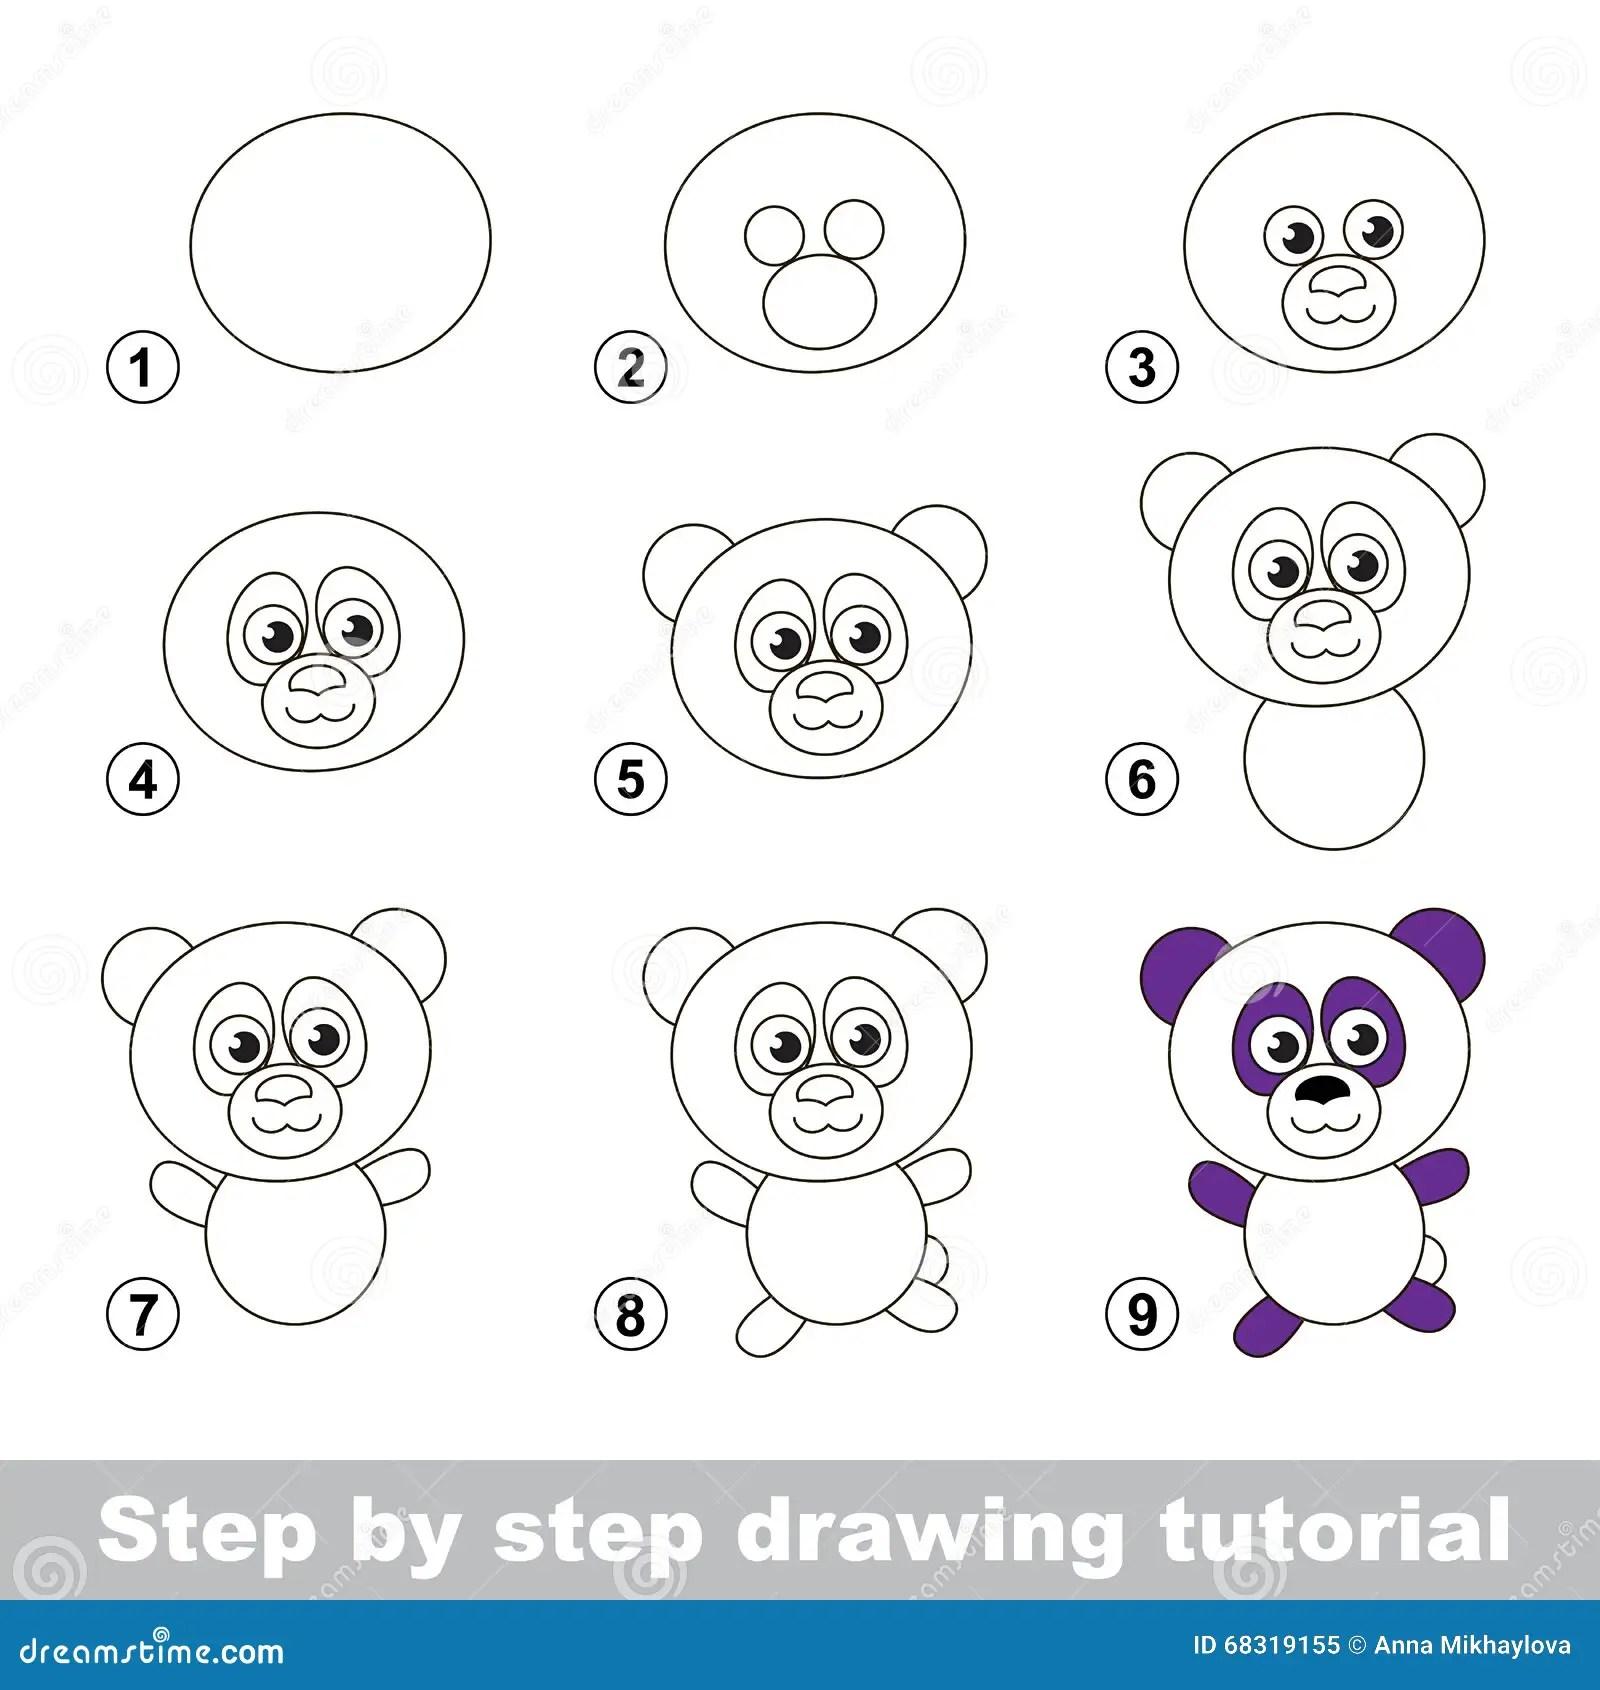 Zeichnendes Tutorium Wie Man Einen Panda Zeichnet Vektor